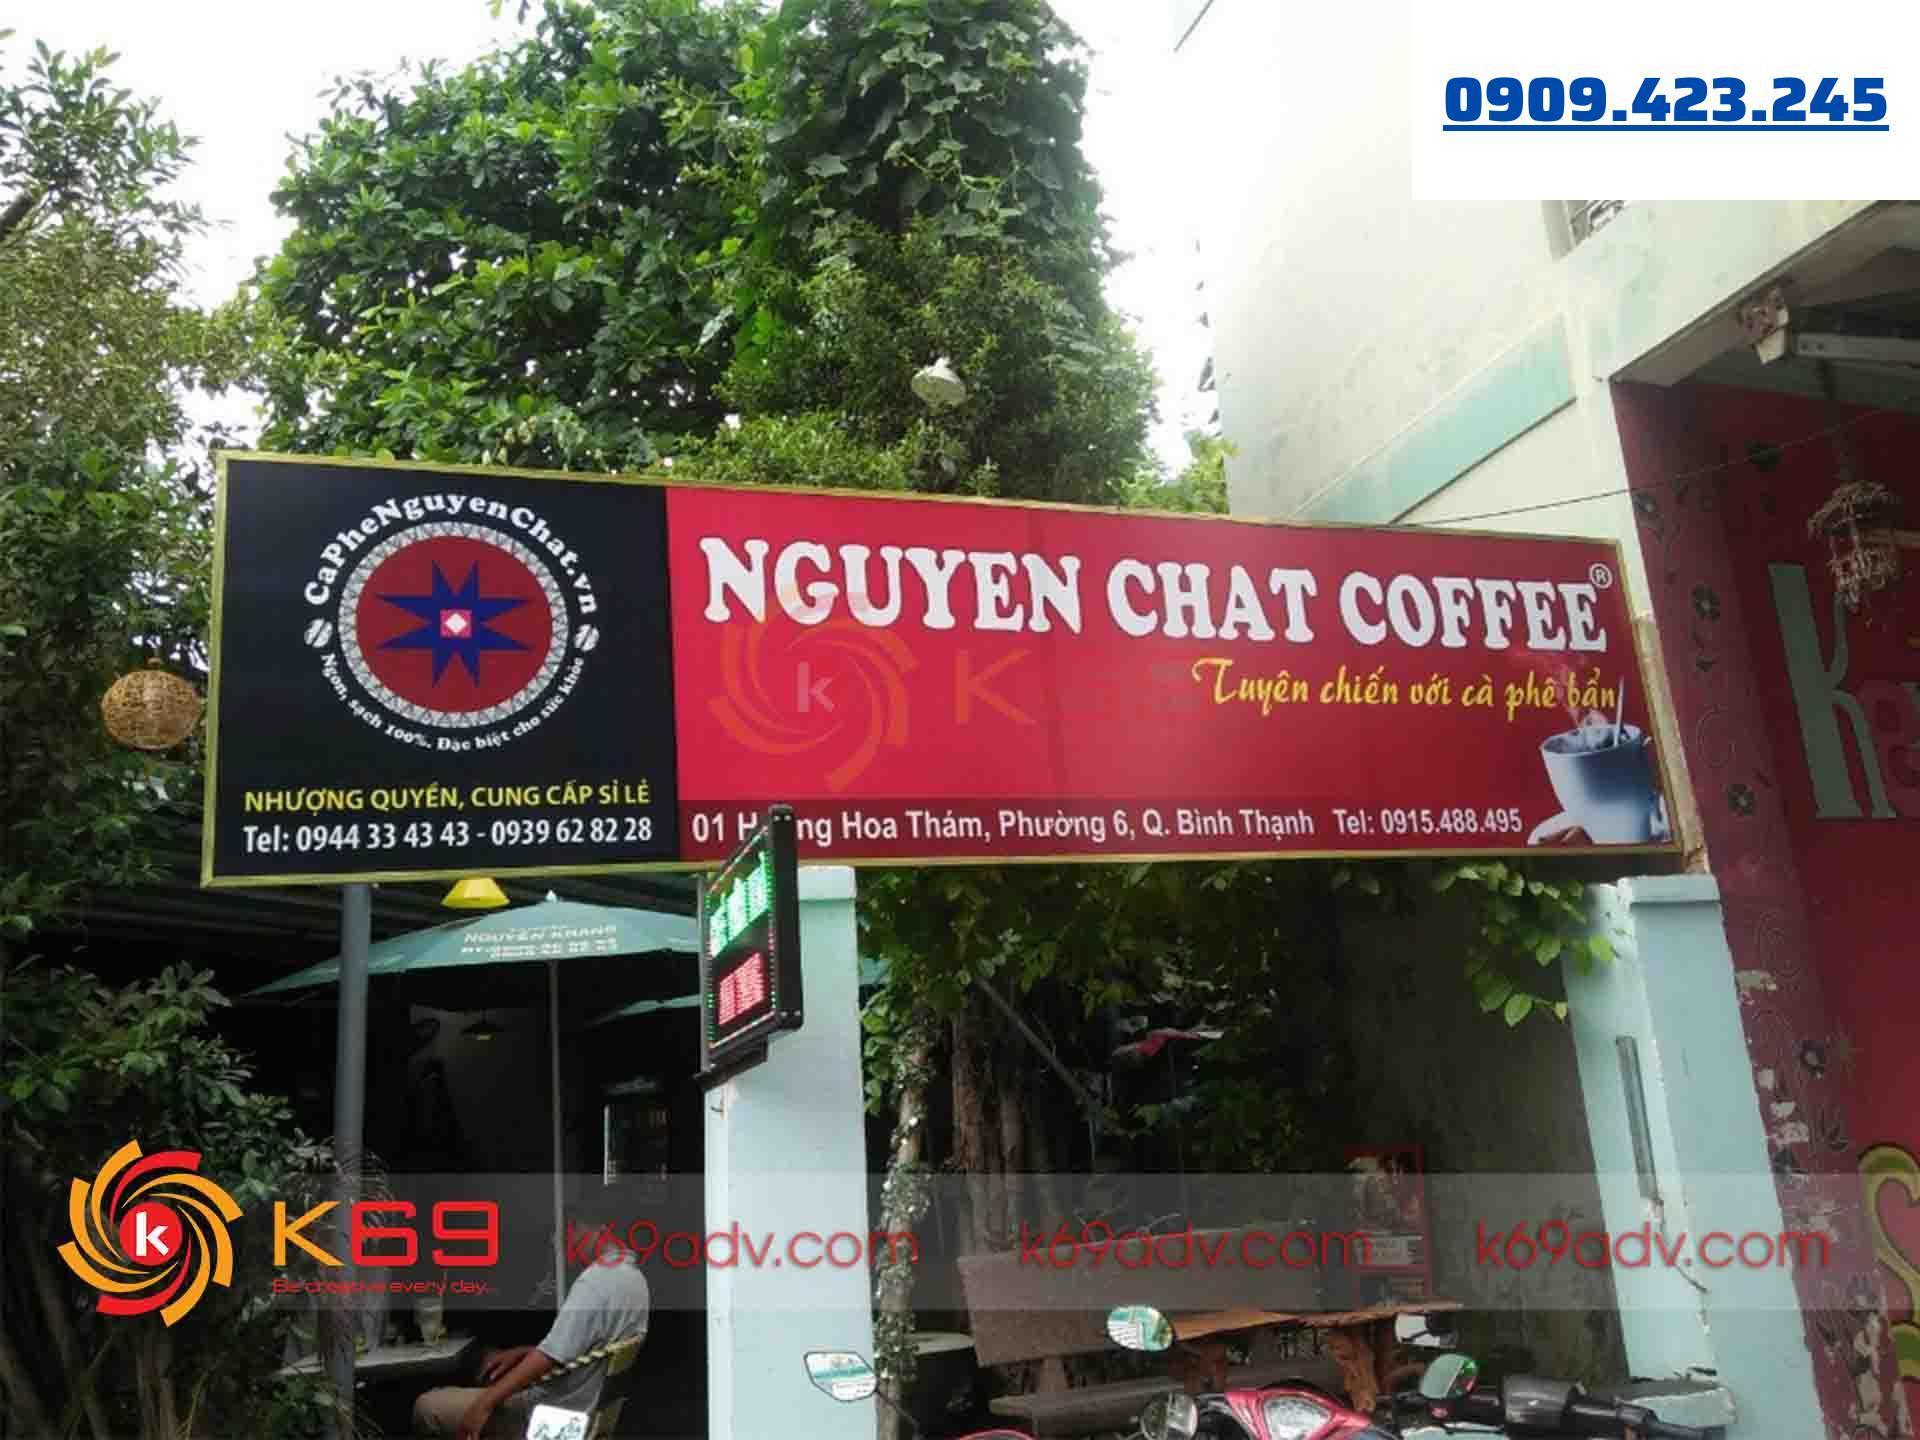 Mẫu bảng hiệu cafe đẹp chất liệu bạt Hiflex tại K69ADV